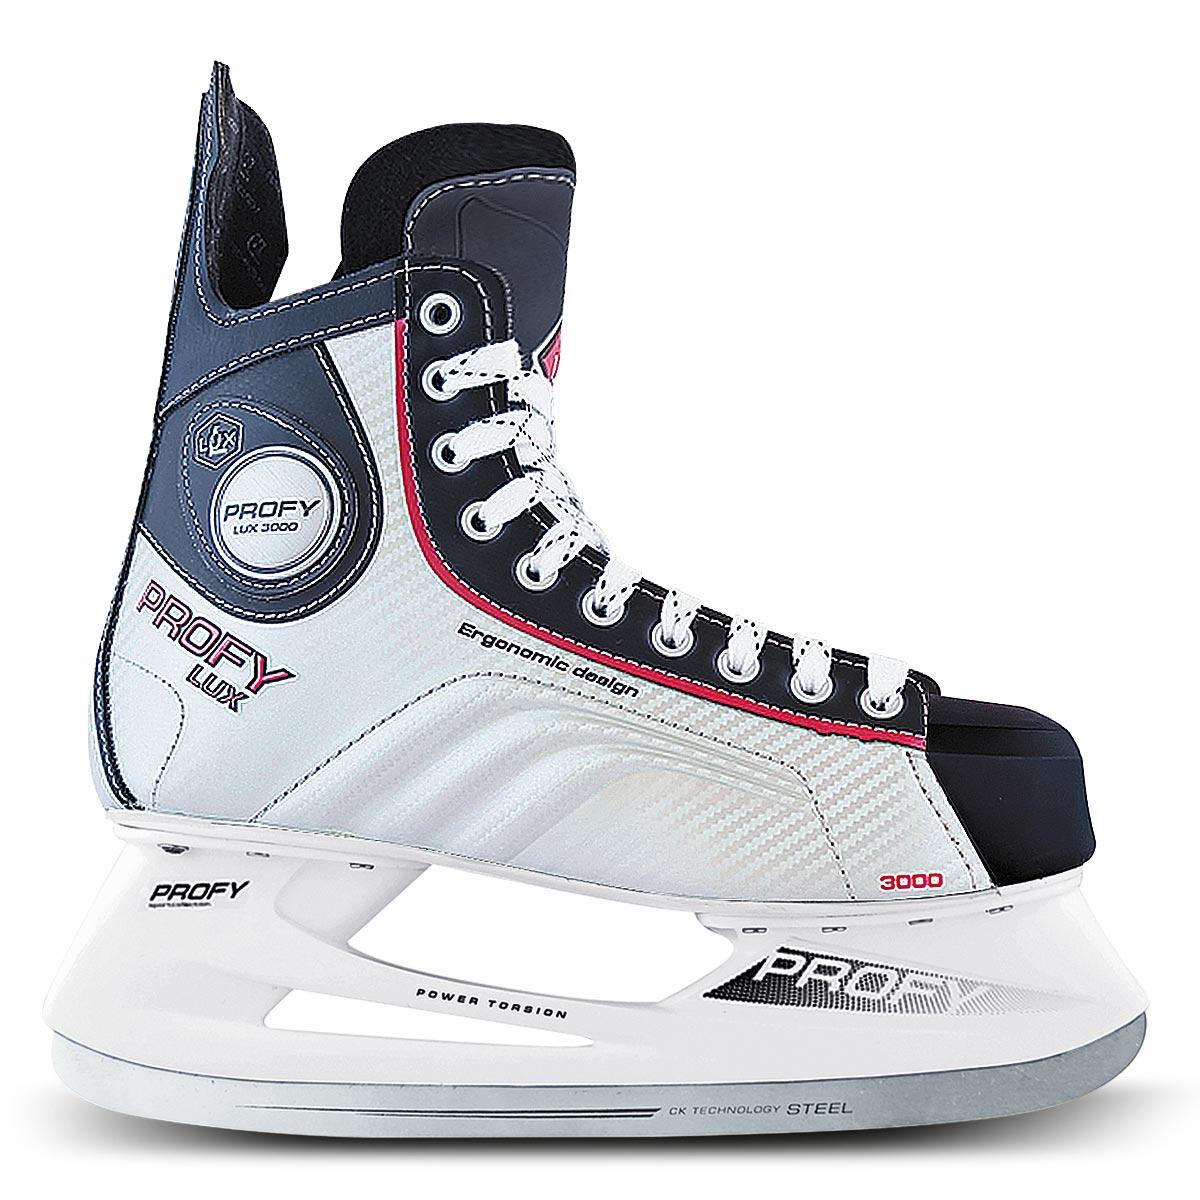 Коньки хоккейные мужские Profy Lux 3000 RedPROFY LUX 3000 RedСтильные коньки от CK Profy Lux 3000 Blue прекрасно подойдут для начинающих игроков в хоккей. Ботинок выполнен из морозоустойчивой искусственной кожи и ПВХ с высокой, плотной колодкой и усиленным задником, обеспечивающим боковую поддержку ноги. Мыс дополнен вставкой, которая защитит ноги от ударов. Внутренний слой и стелька изготовлены из мягкого трикотажа, который обеспечит тепло и комфорт во время катания, язычок - из войлока. Плотная шнуровка надежно фиксирует модель на ноге. Голеностоп имеет удобный суппорт. По бокам, на язычке и заднике коньки декорированы принтом и тиснением в виде логотипа бренда. Подошва - из твердого пластика. Стойка выполнена из ударопрочного поливинилхлорида. Лезвие из нержавеющей стали обеспечит превосходное скольжение. Оригинальные коньки придутся вам по душе.